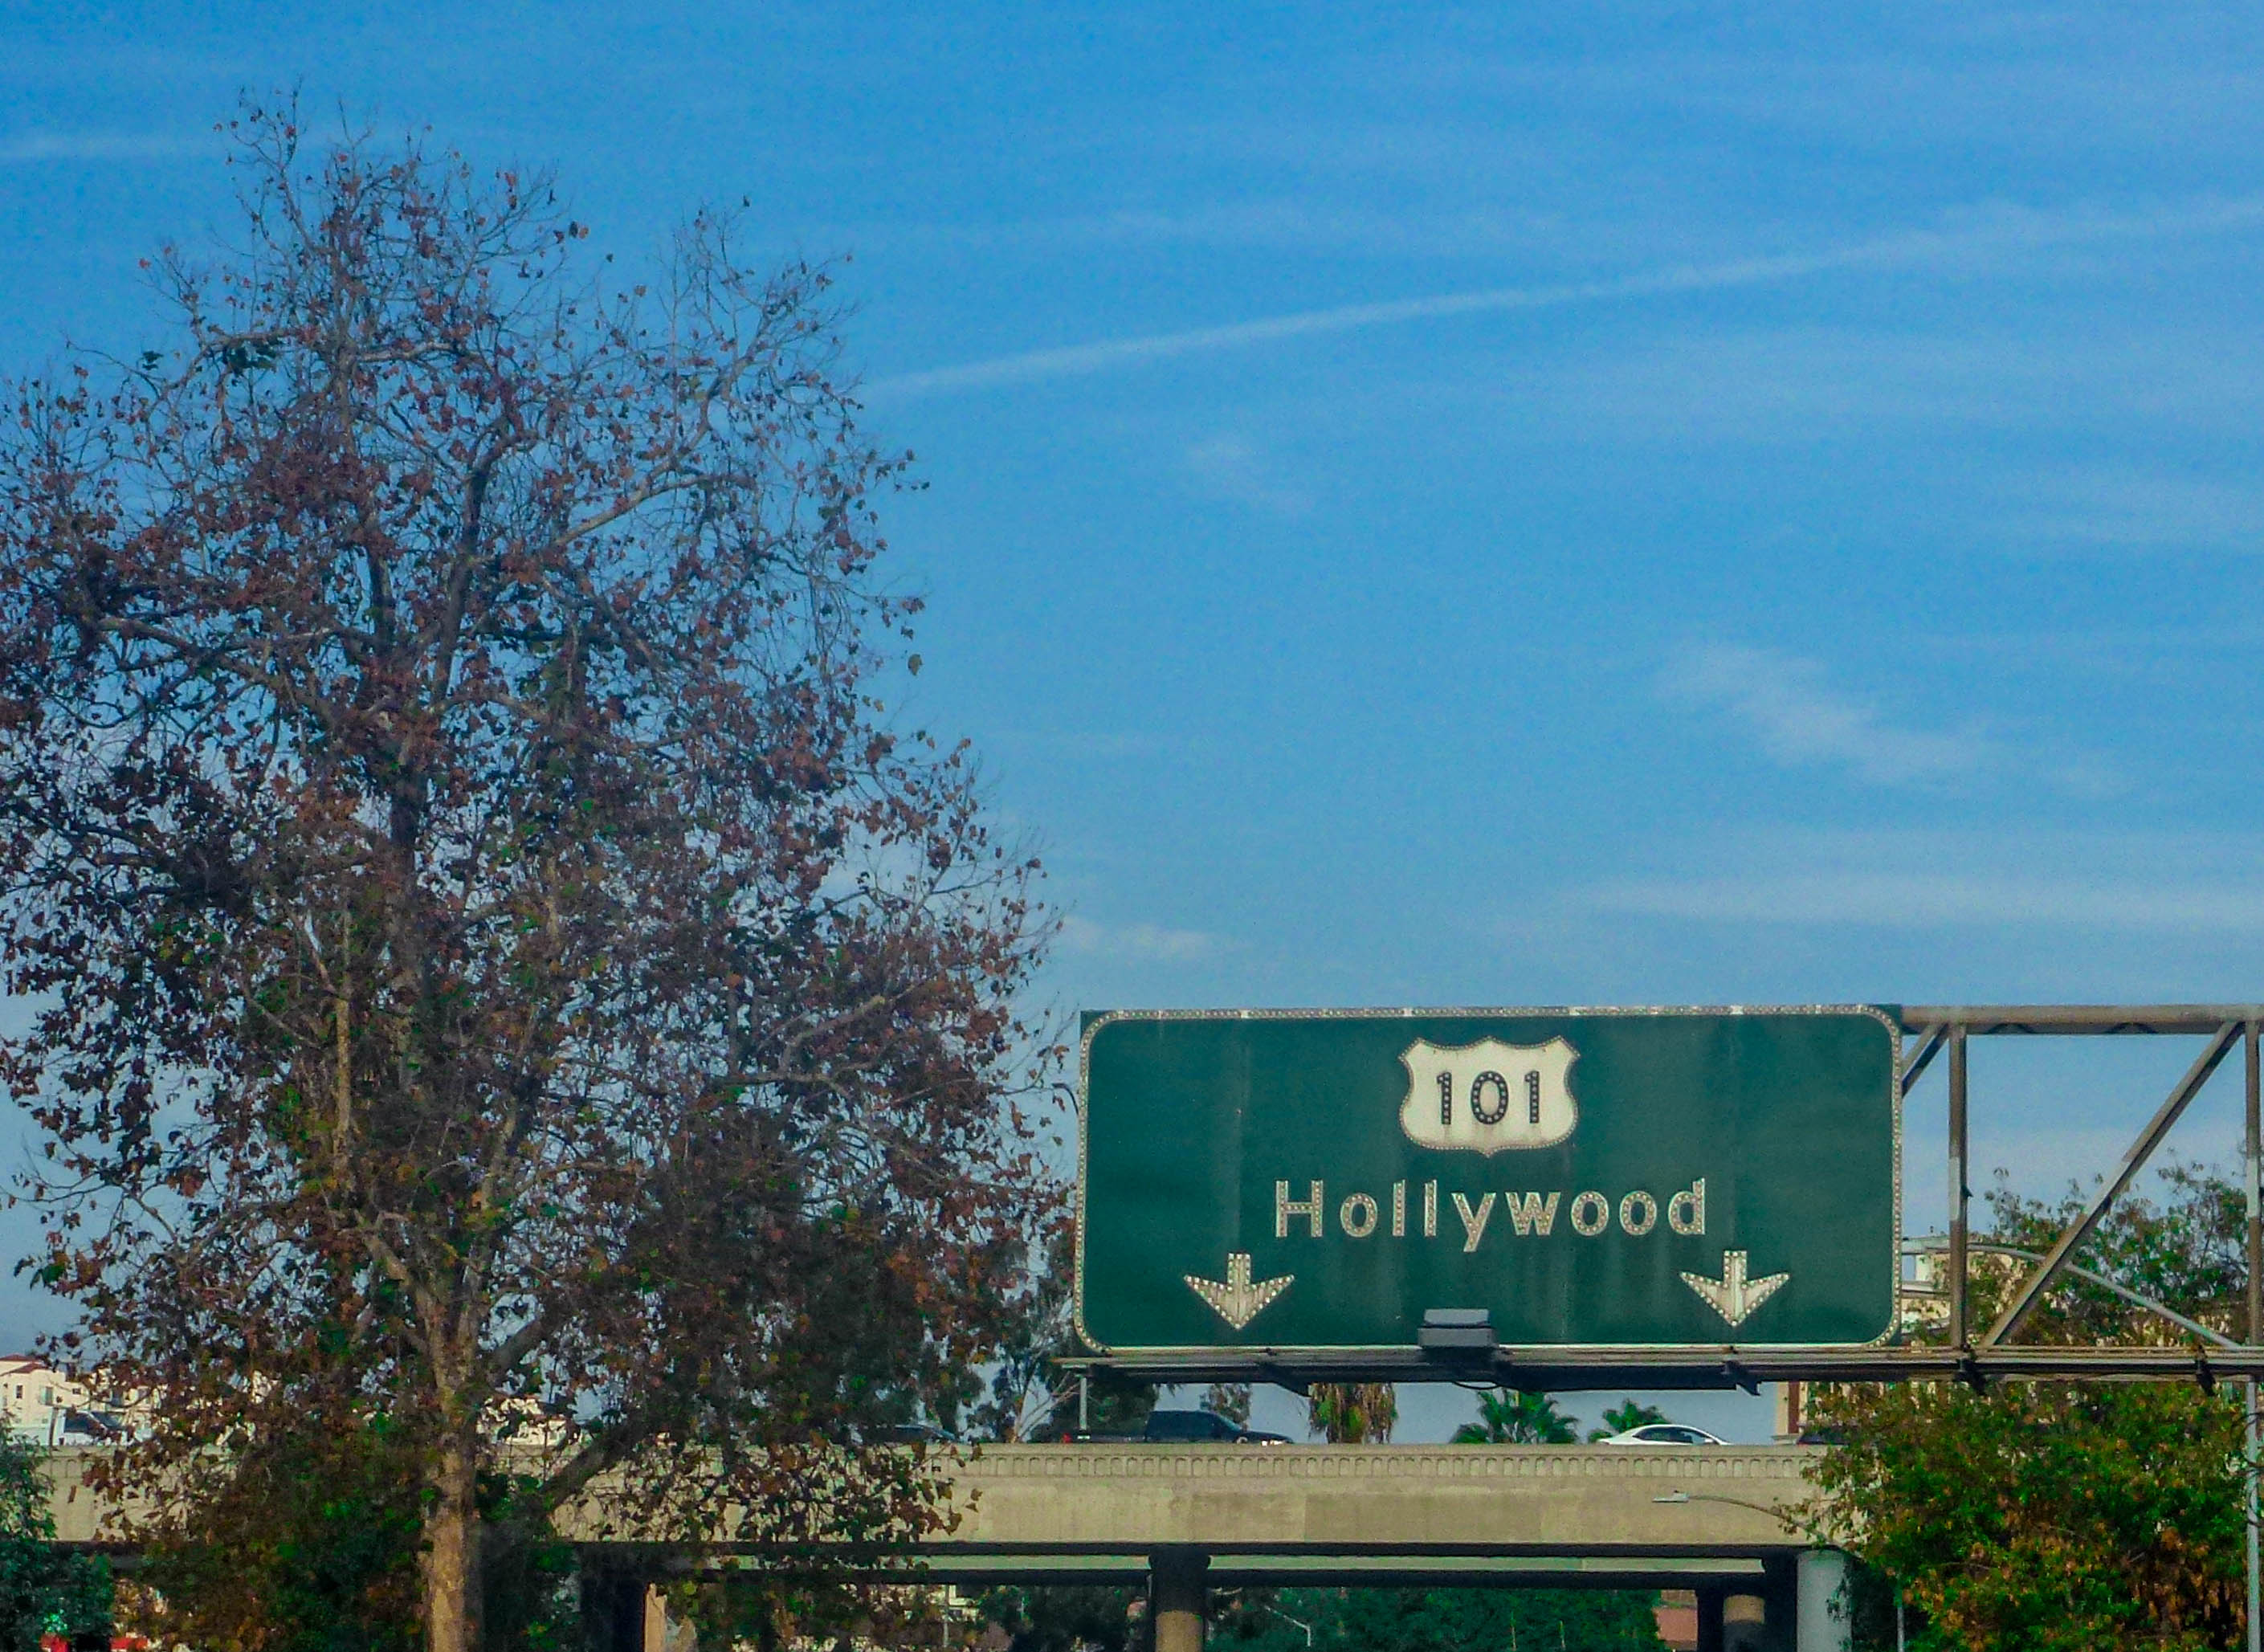 קליפורניה חלק ב: לוס אנג'לס, סנטה מוניקה וסולבנג